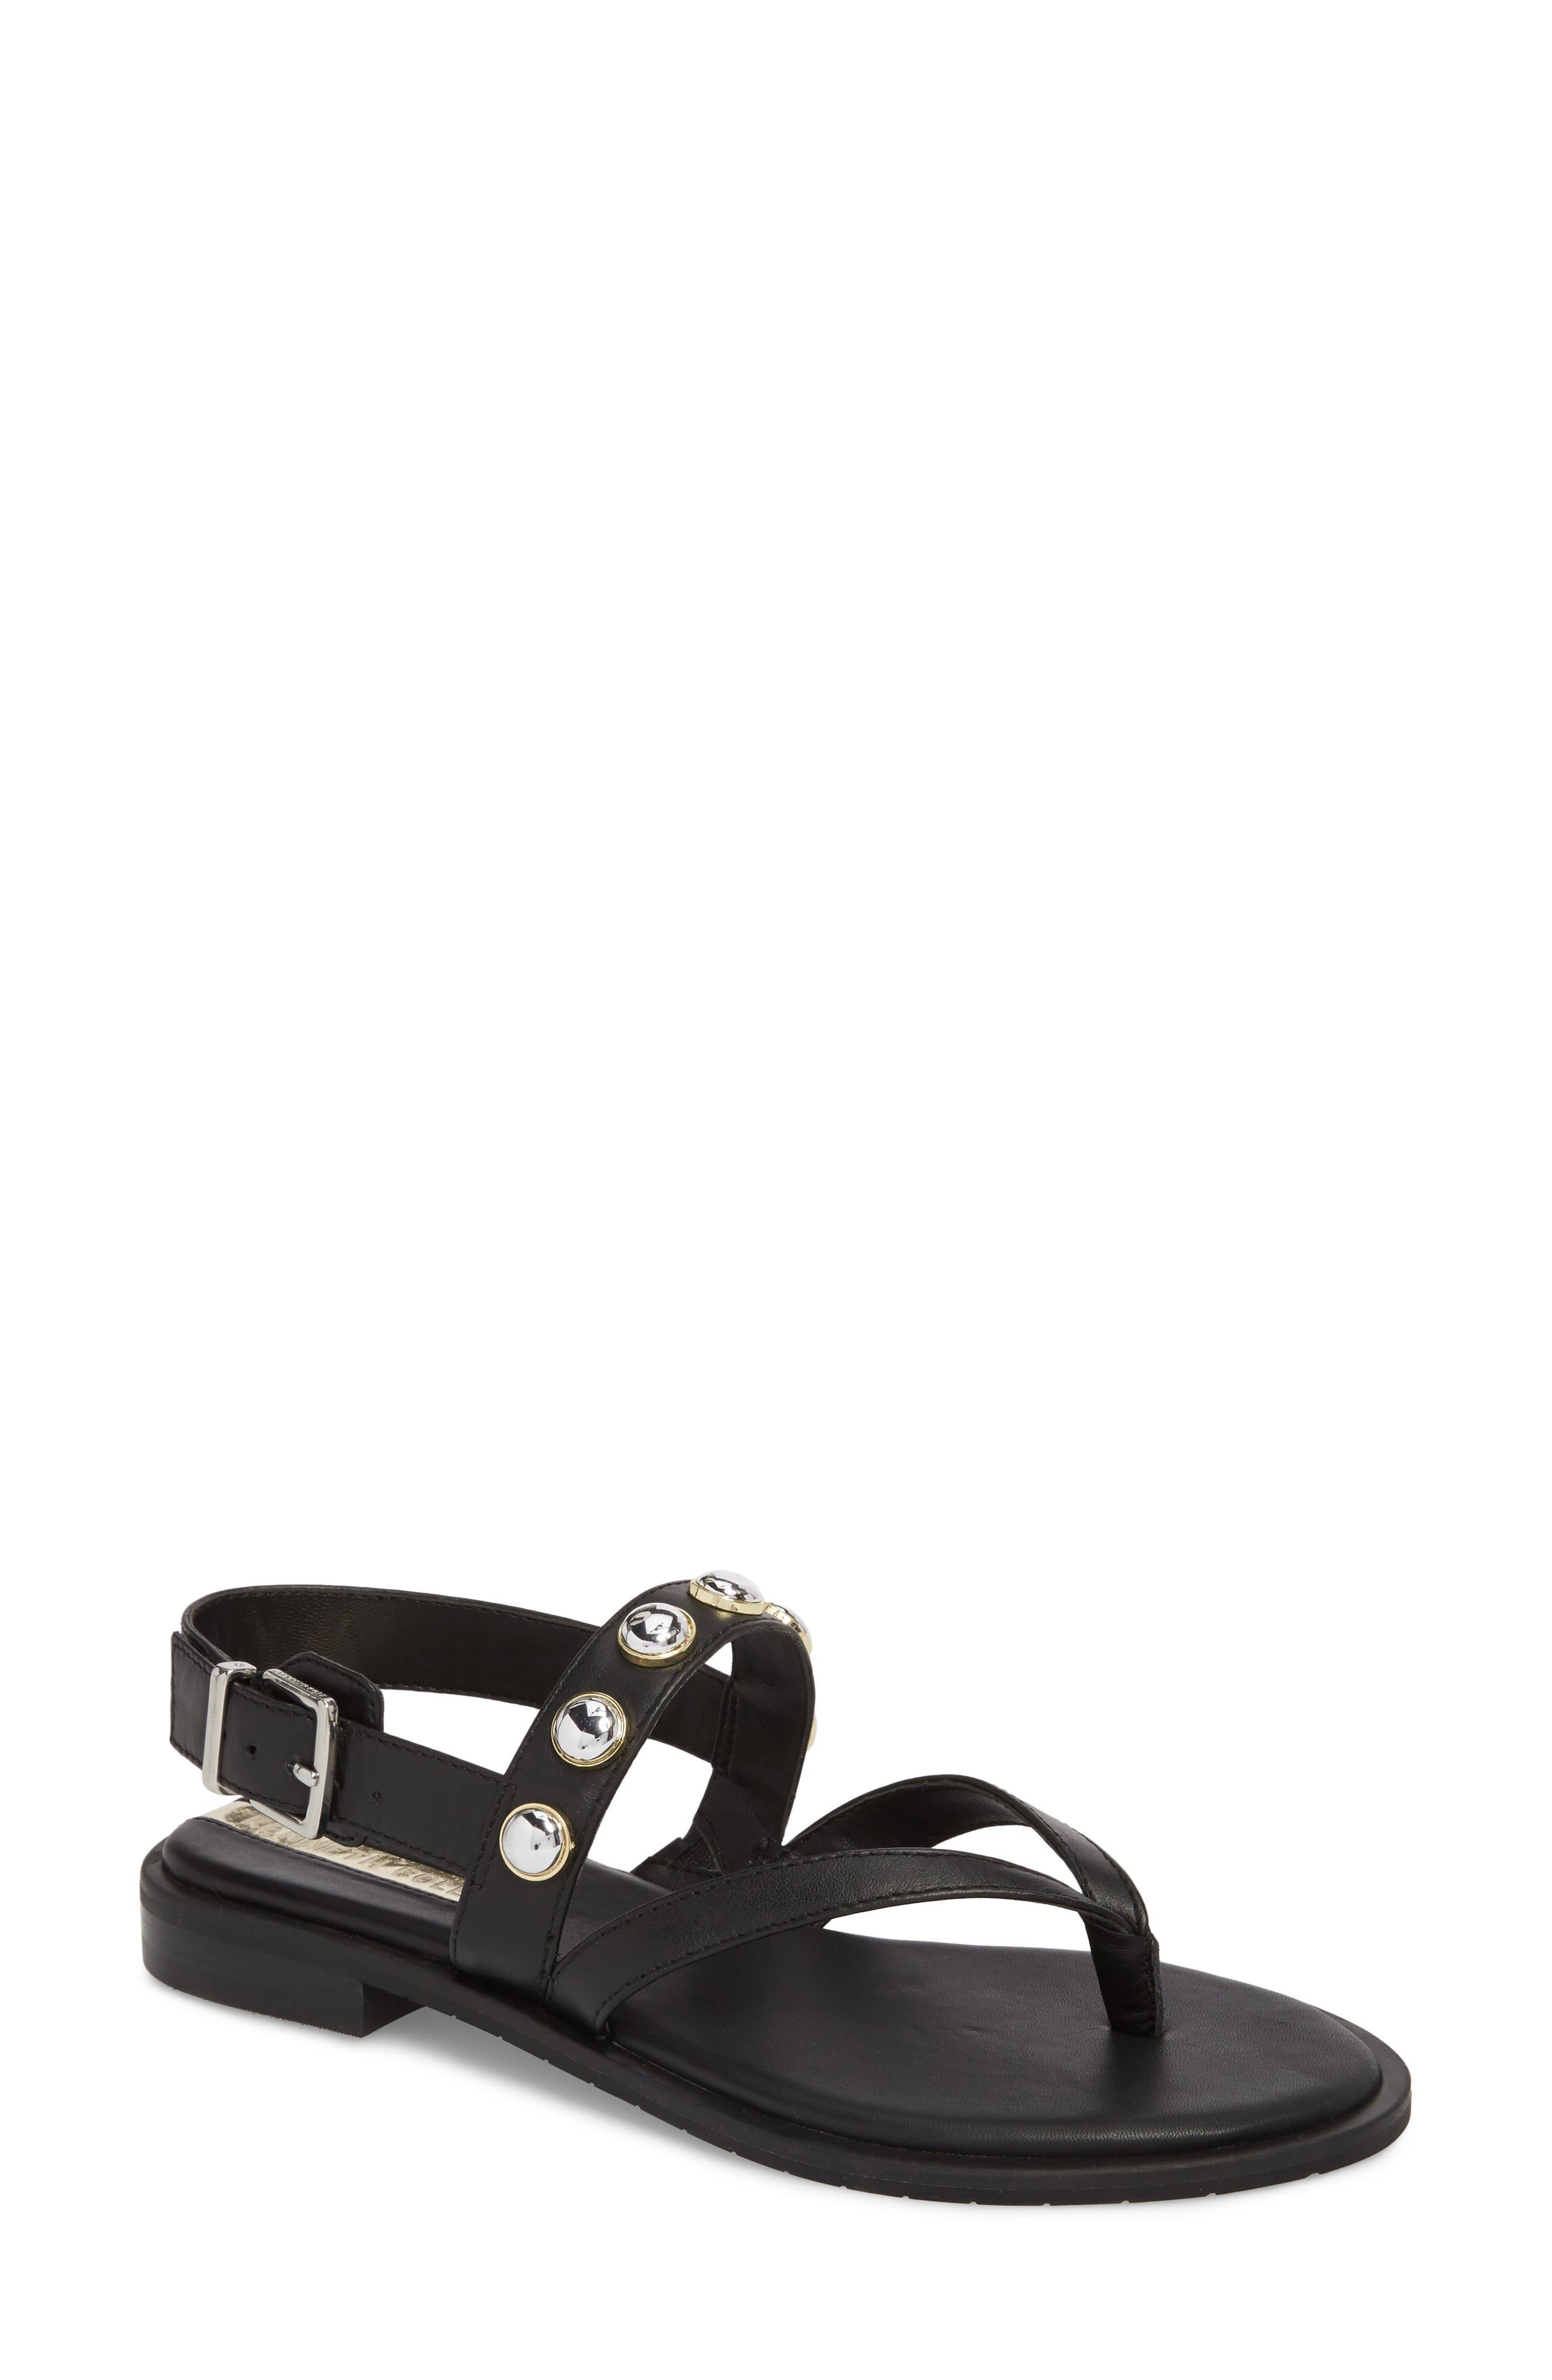 Tama Studded Sandal,                         Main,                         color, 001